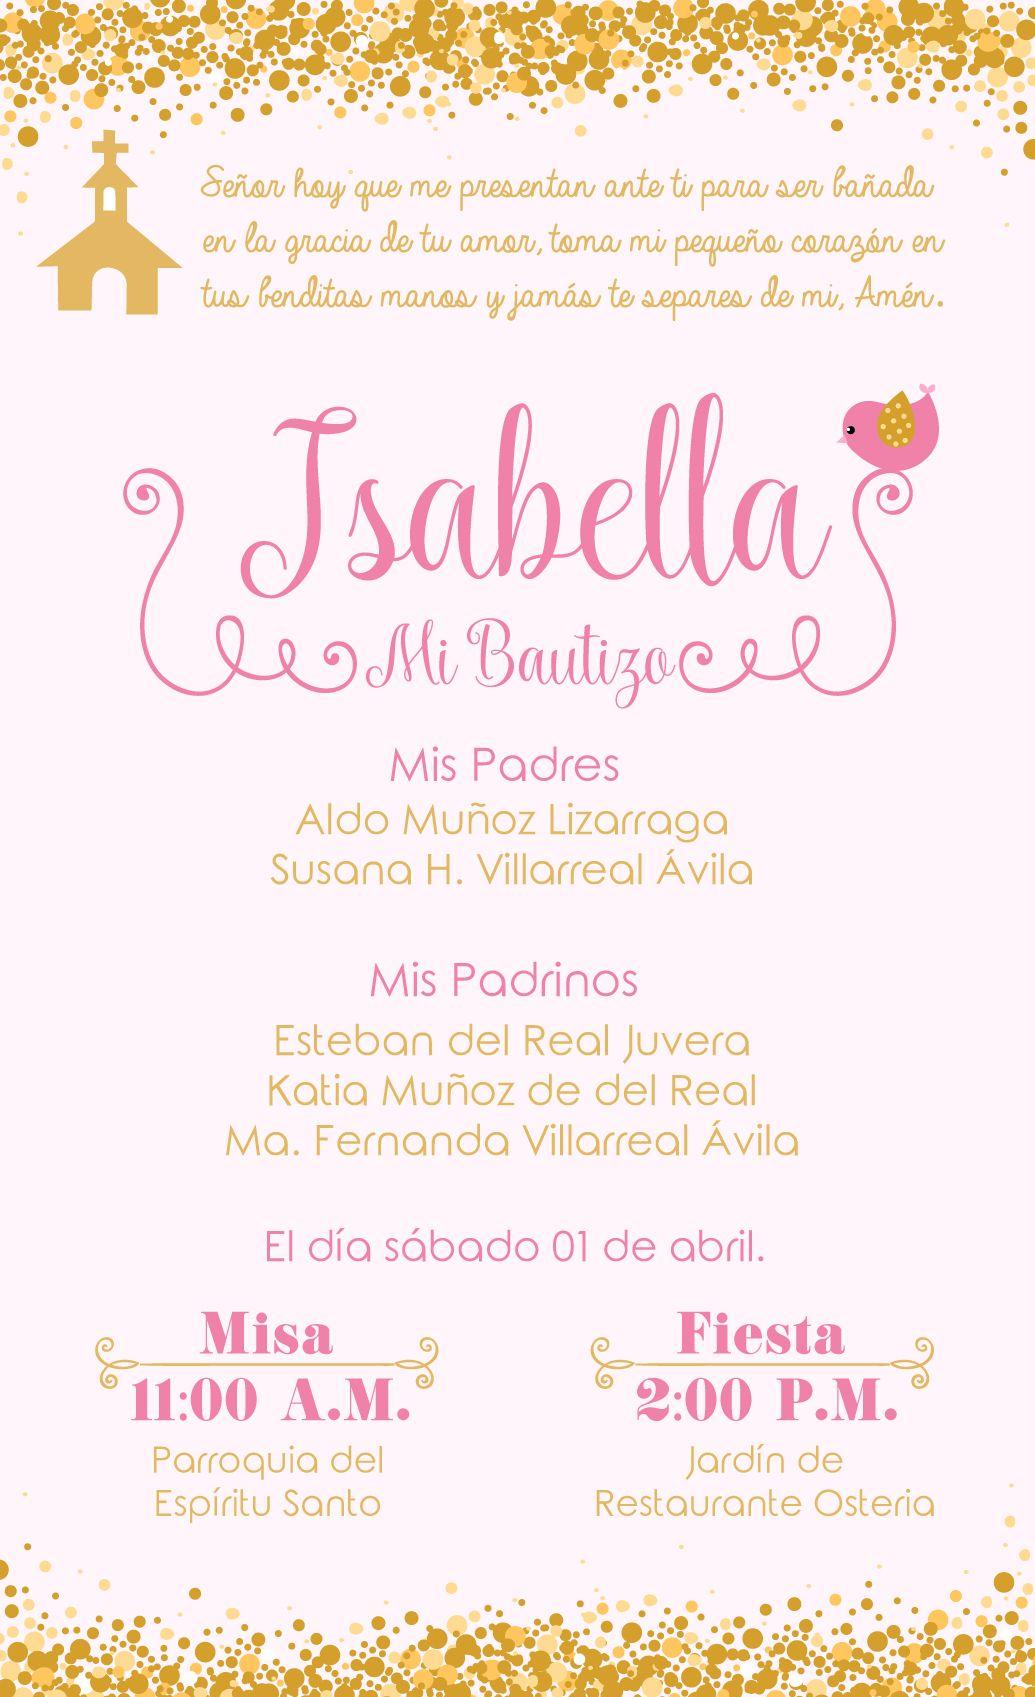 Josefa Y Julieta Oraciones De Bautizo Invitaciones